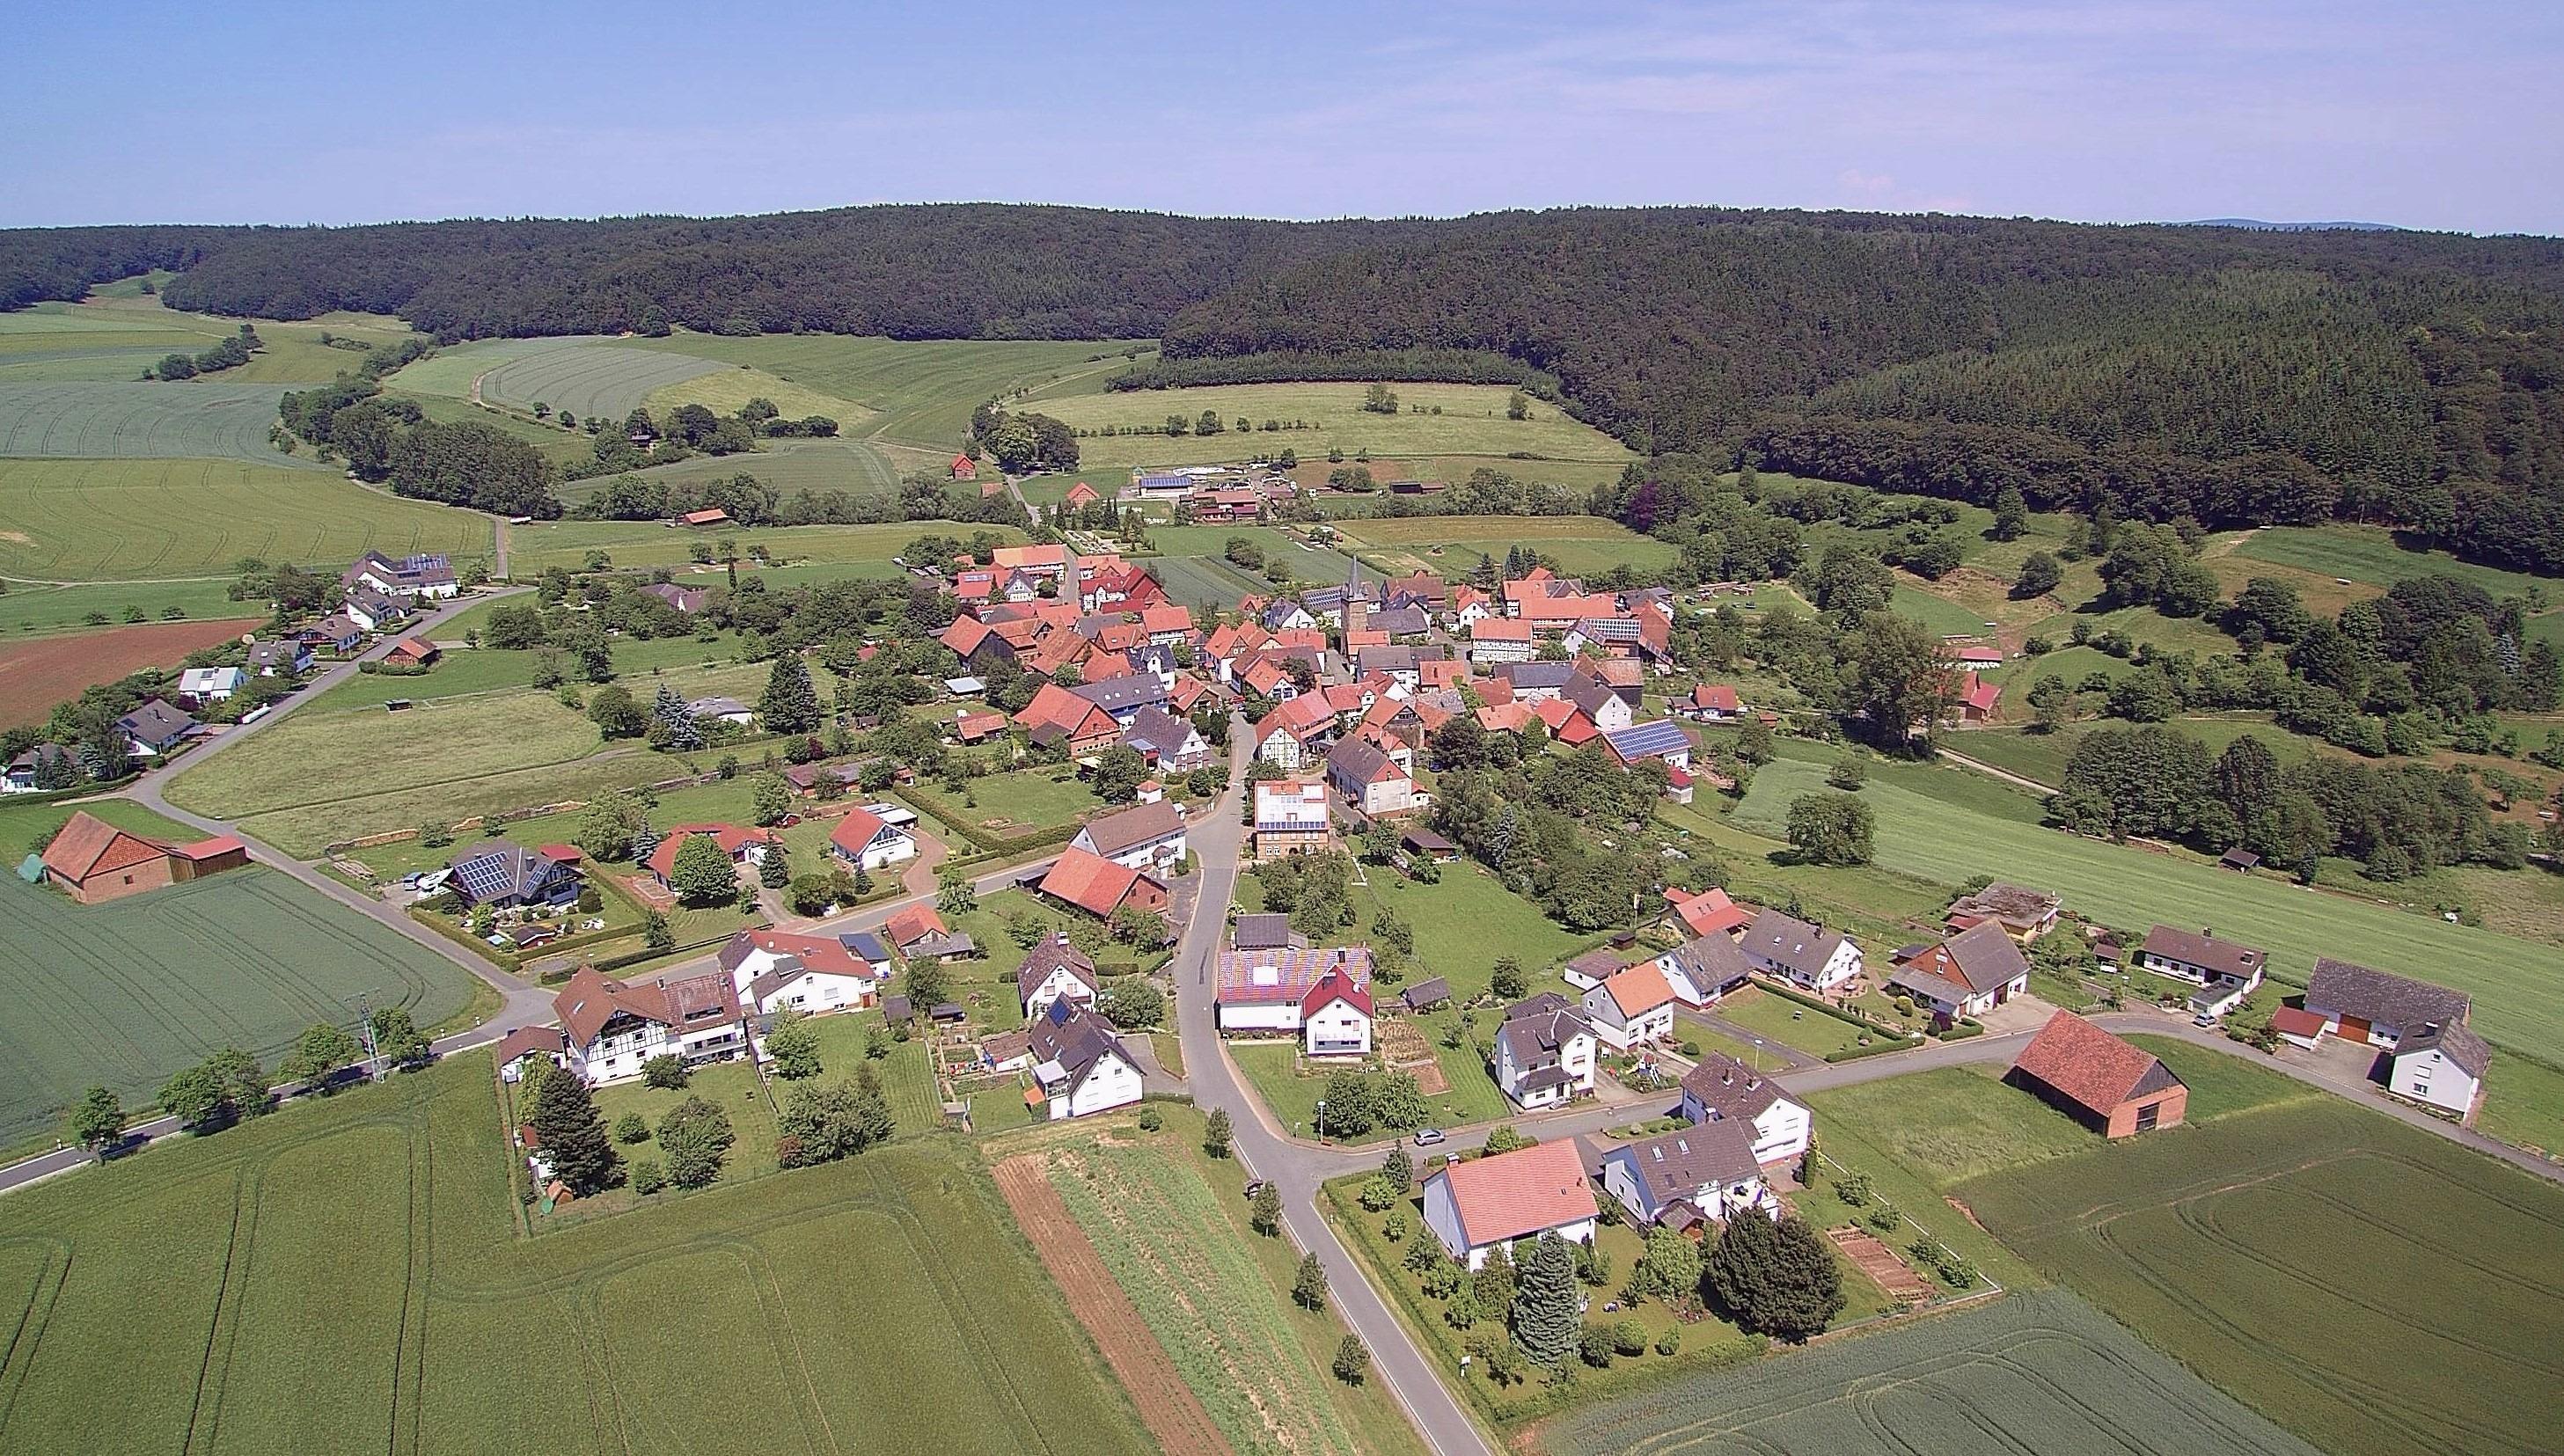 Das Dorf aus der Vogelperspektive. (Foto: 3M-Media-Works)